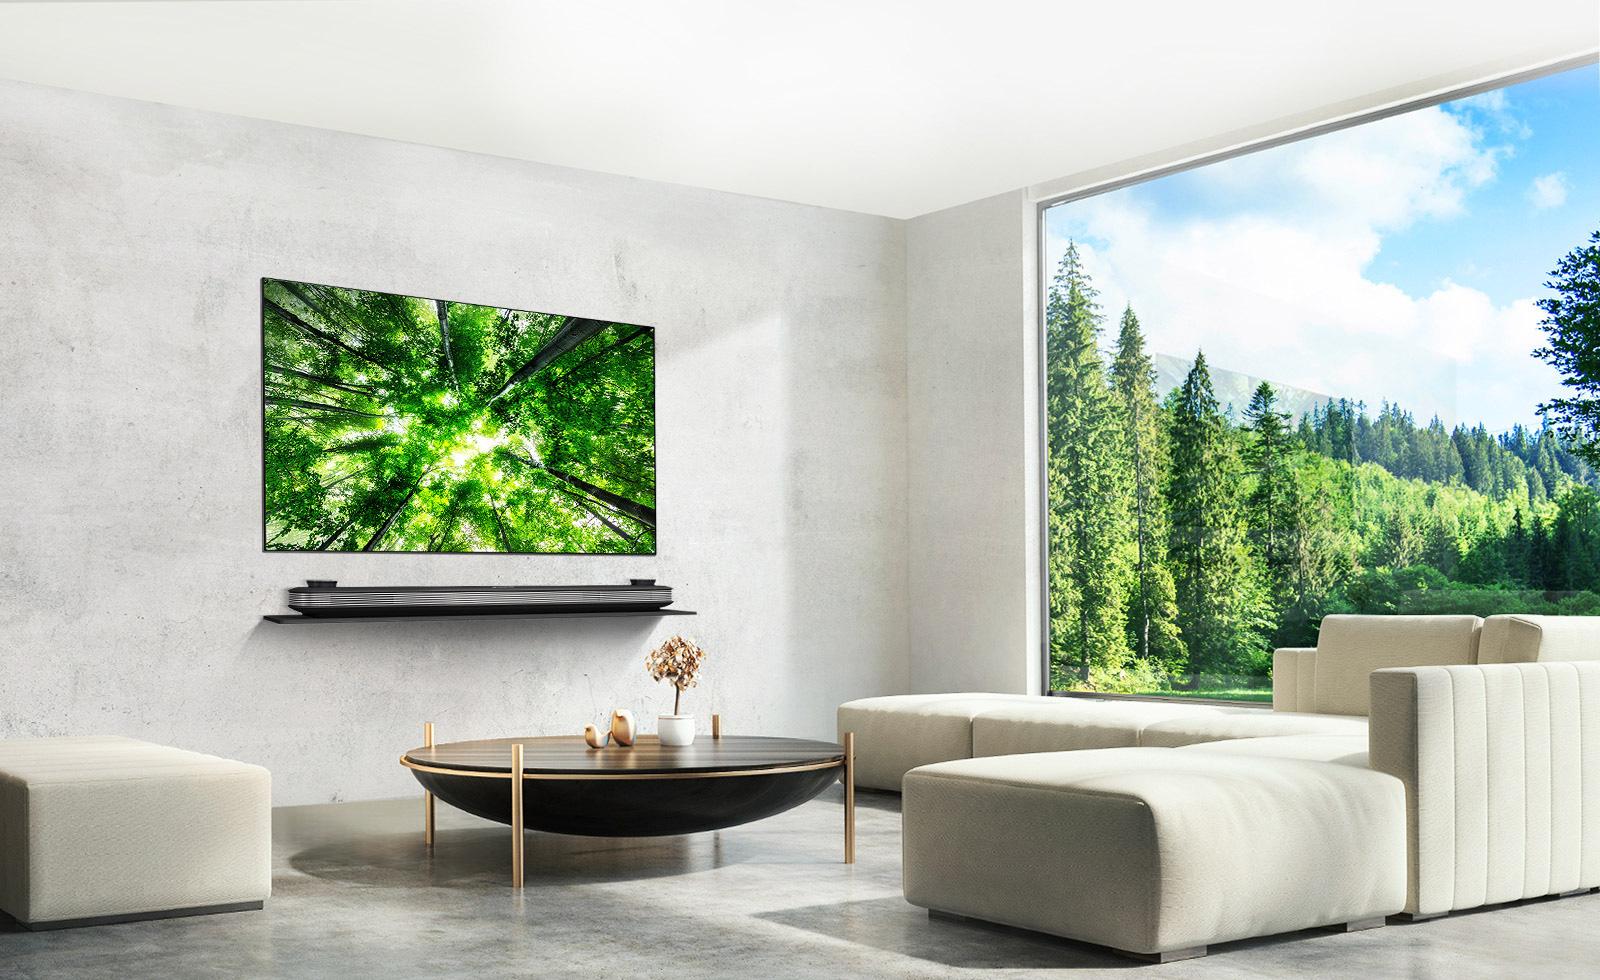 Thị trường tivi giảm giá sôi nổi trong mùa dịch virus corona - Ảnh 5.